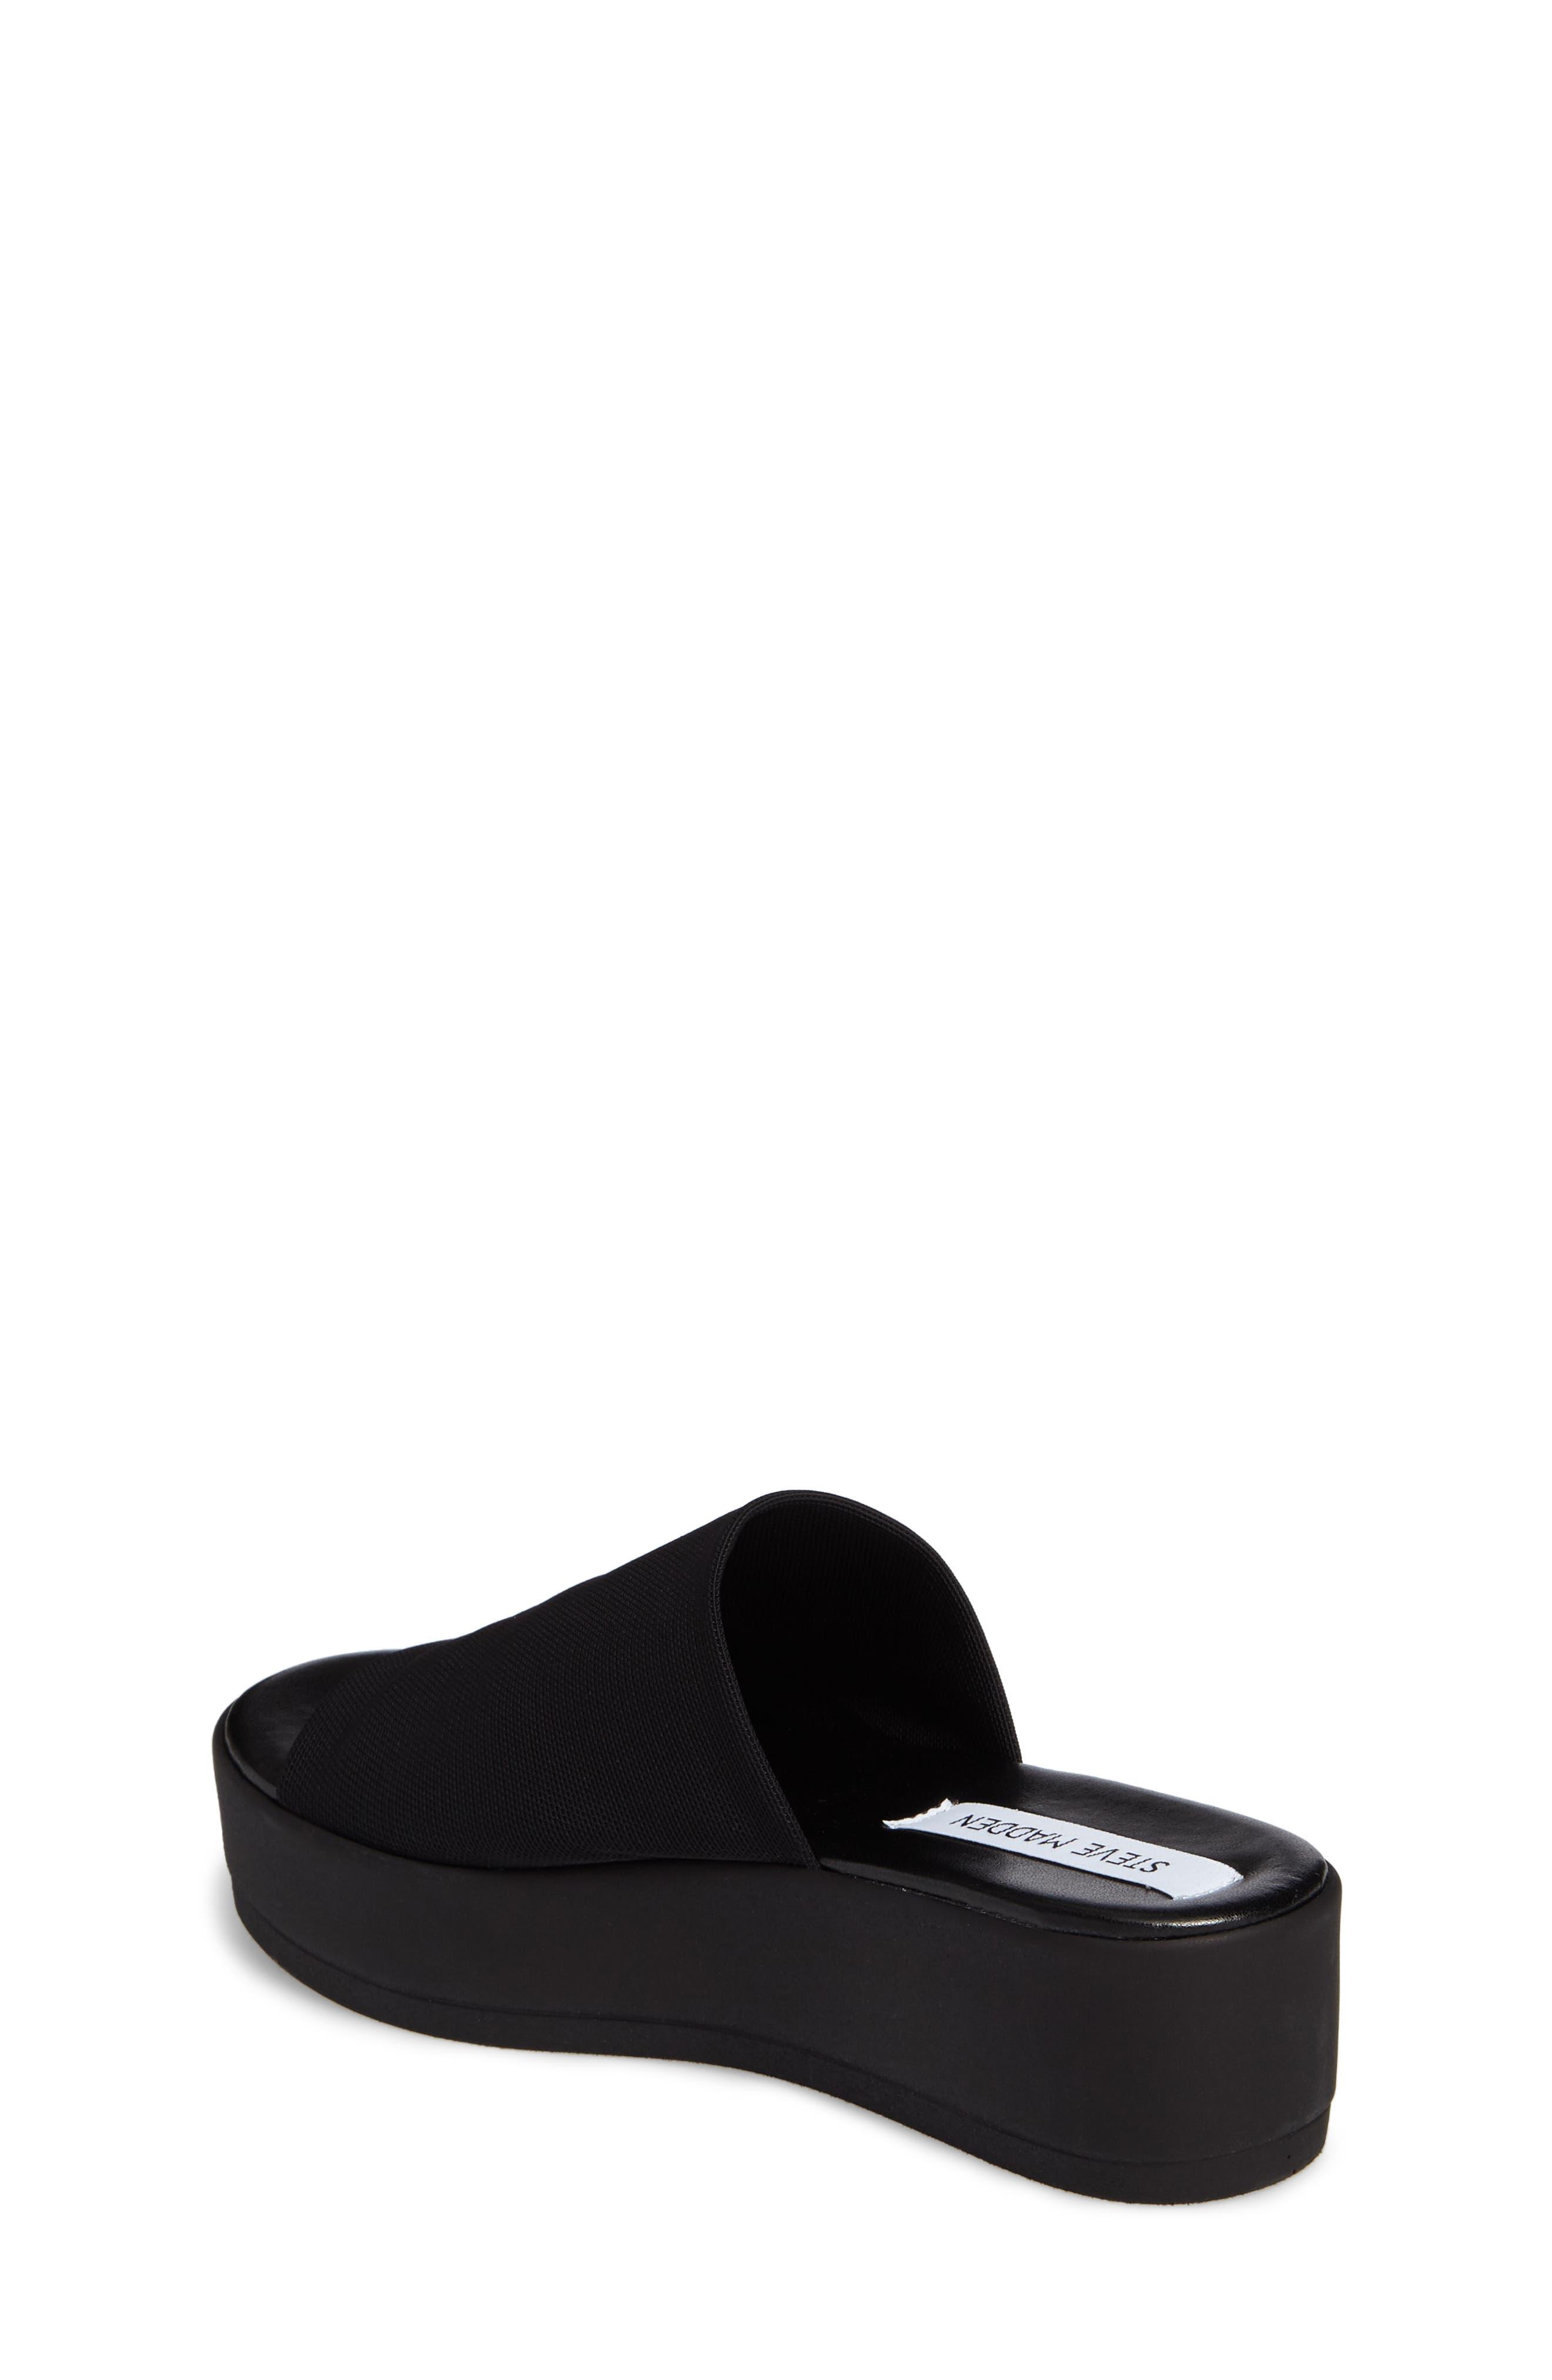 Jslinky Platform Slide Sandal,                             Alternate thumbnail 2, color,                             Black